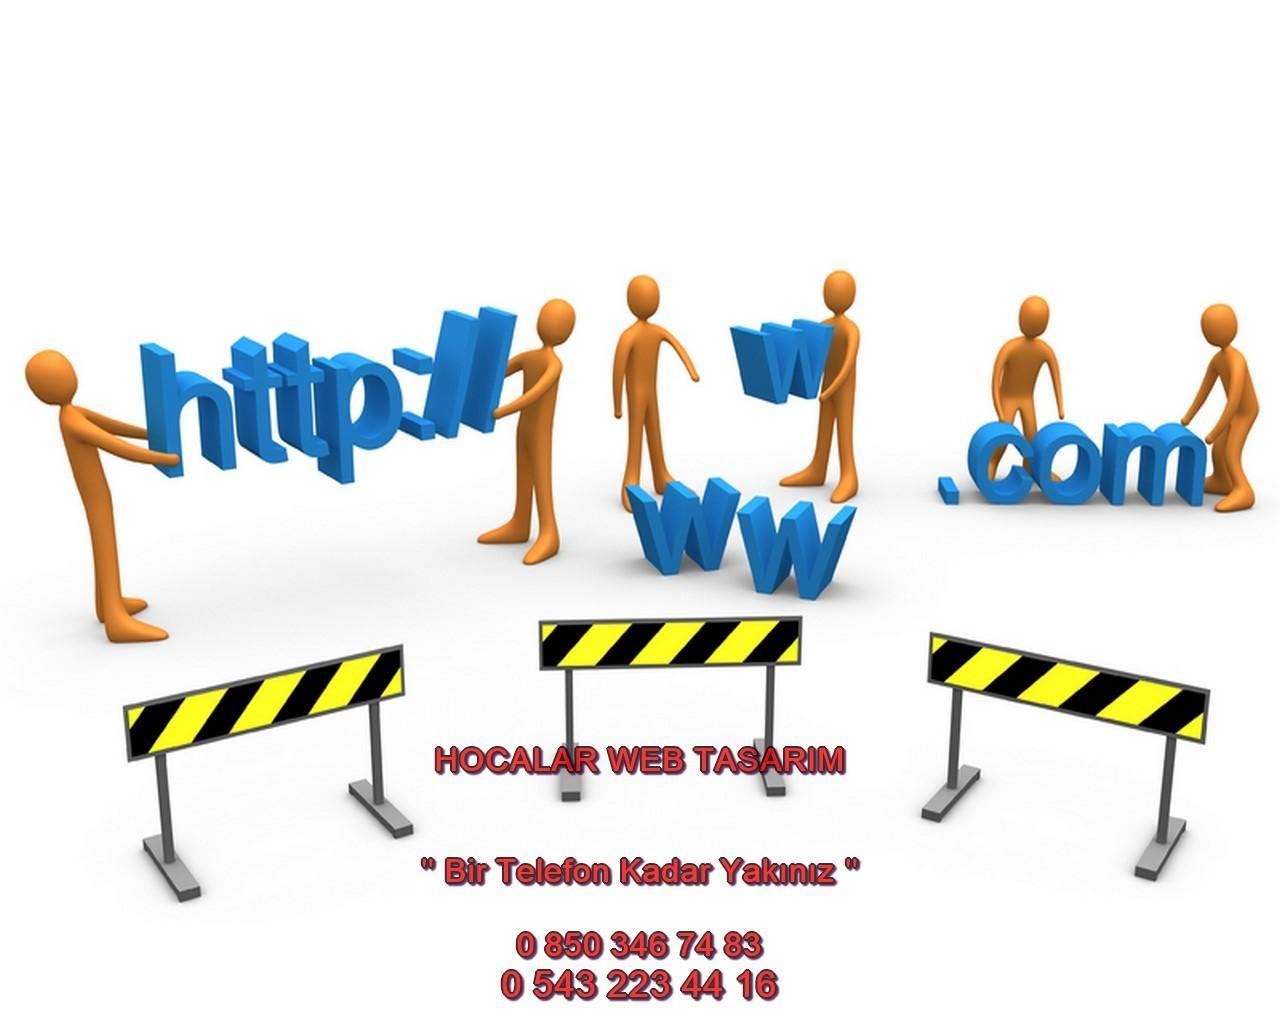 Hocalar Web Tasarım